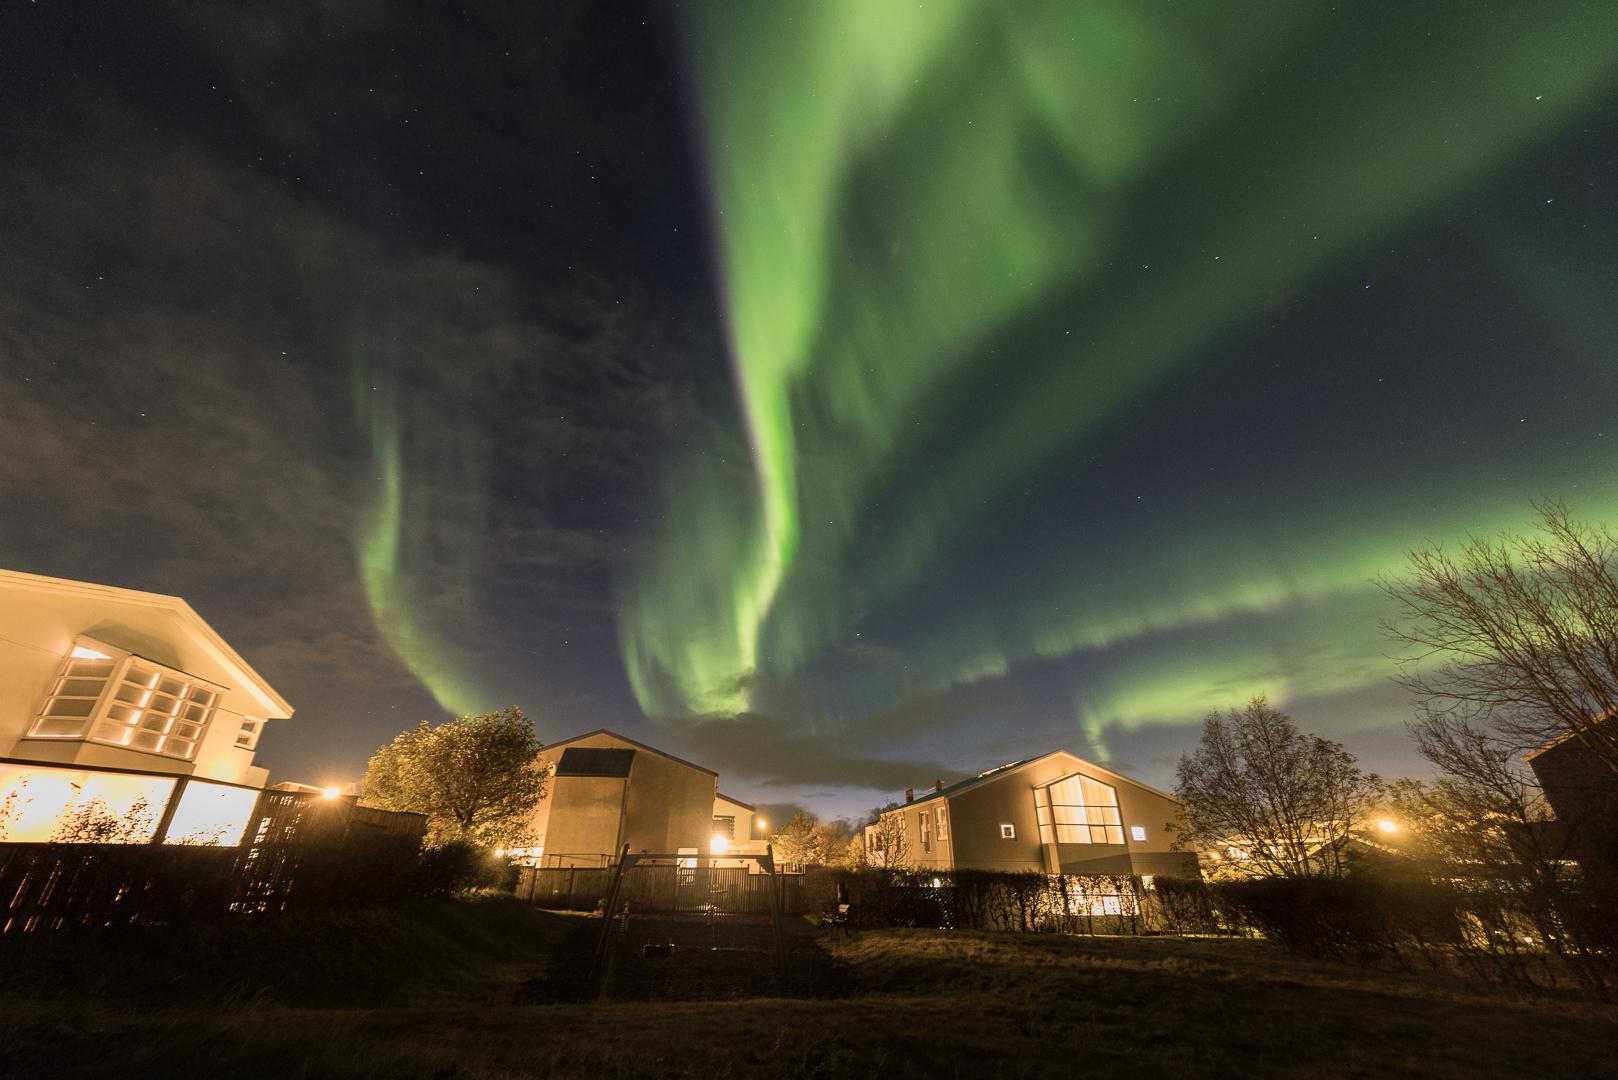 Northern lights over Hafnarfjörður, Iceland, October 2018. Credit: Sævar Helgi Bragason